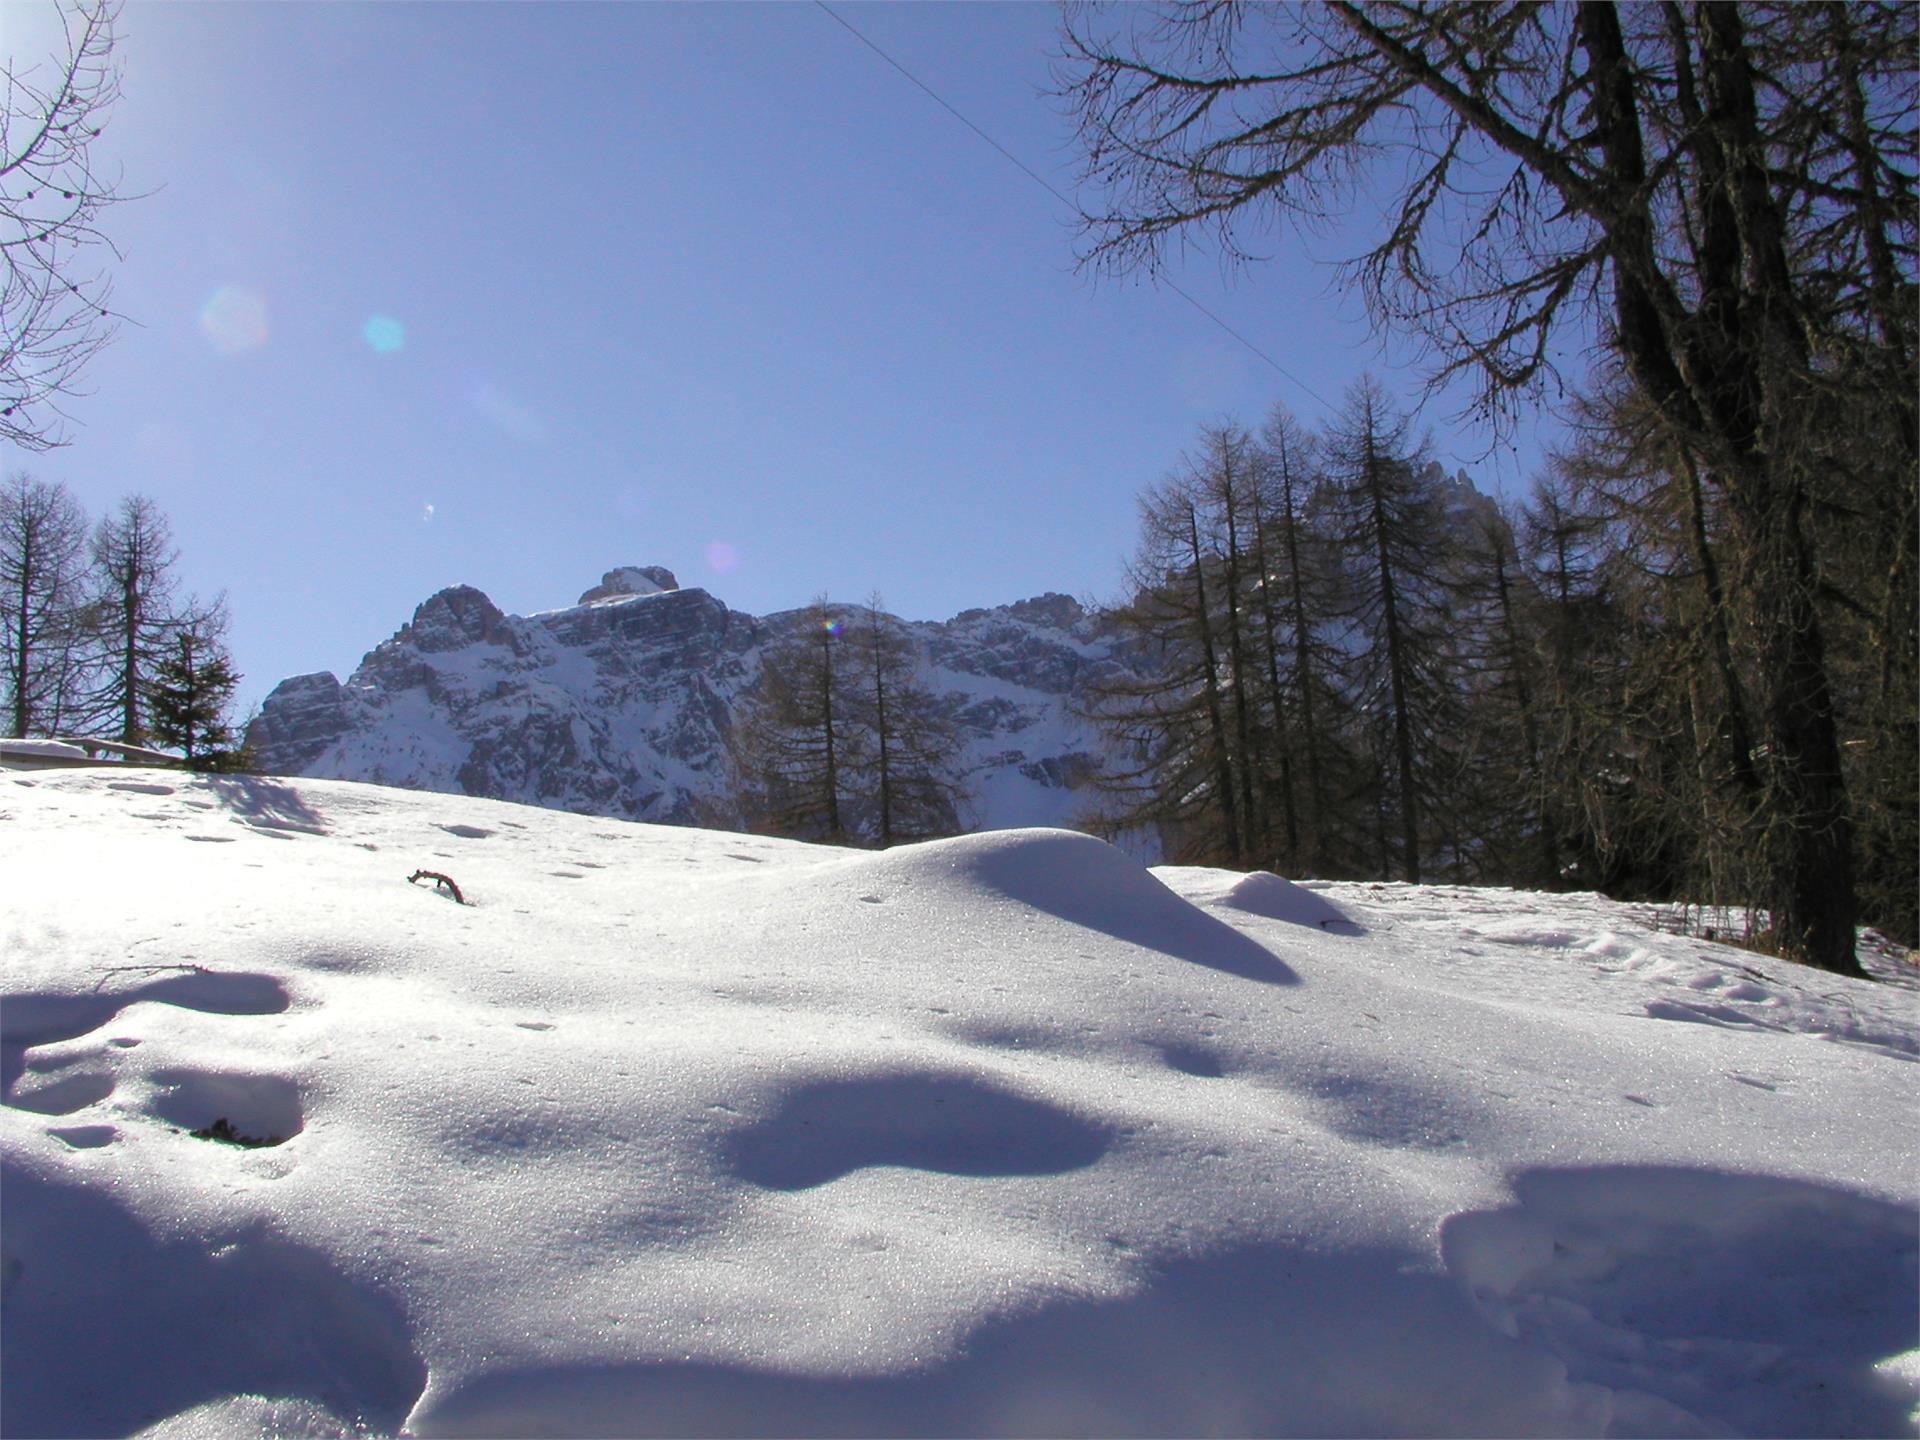 Escursione invernale - Moso - Passo Monte Croce - Malga Coltrondo